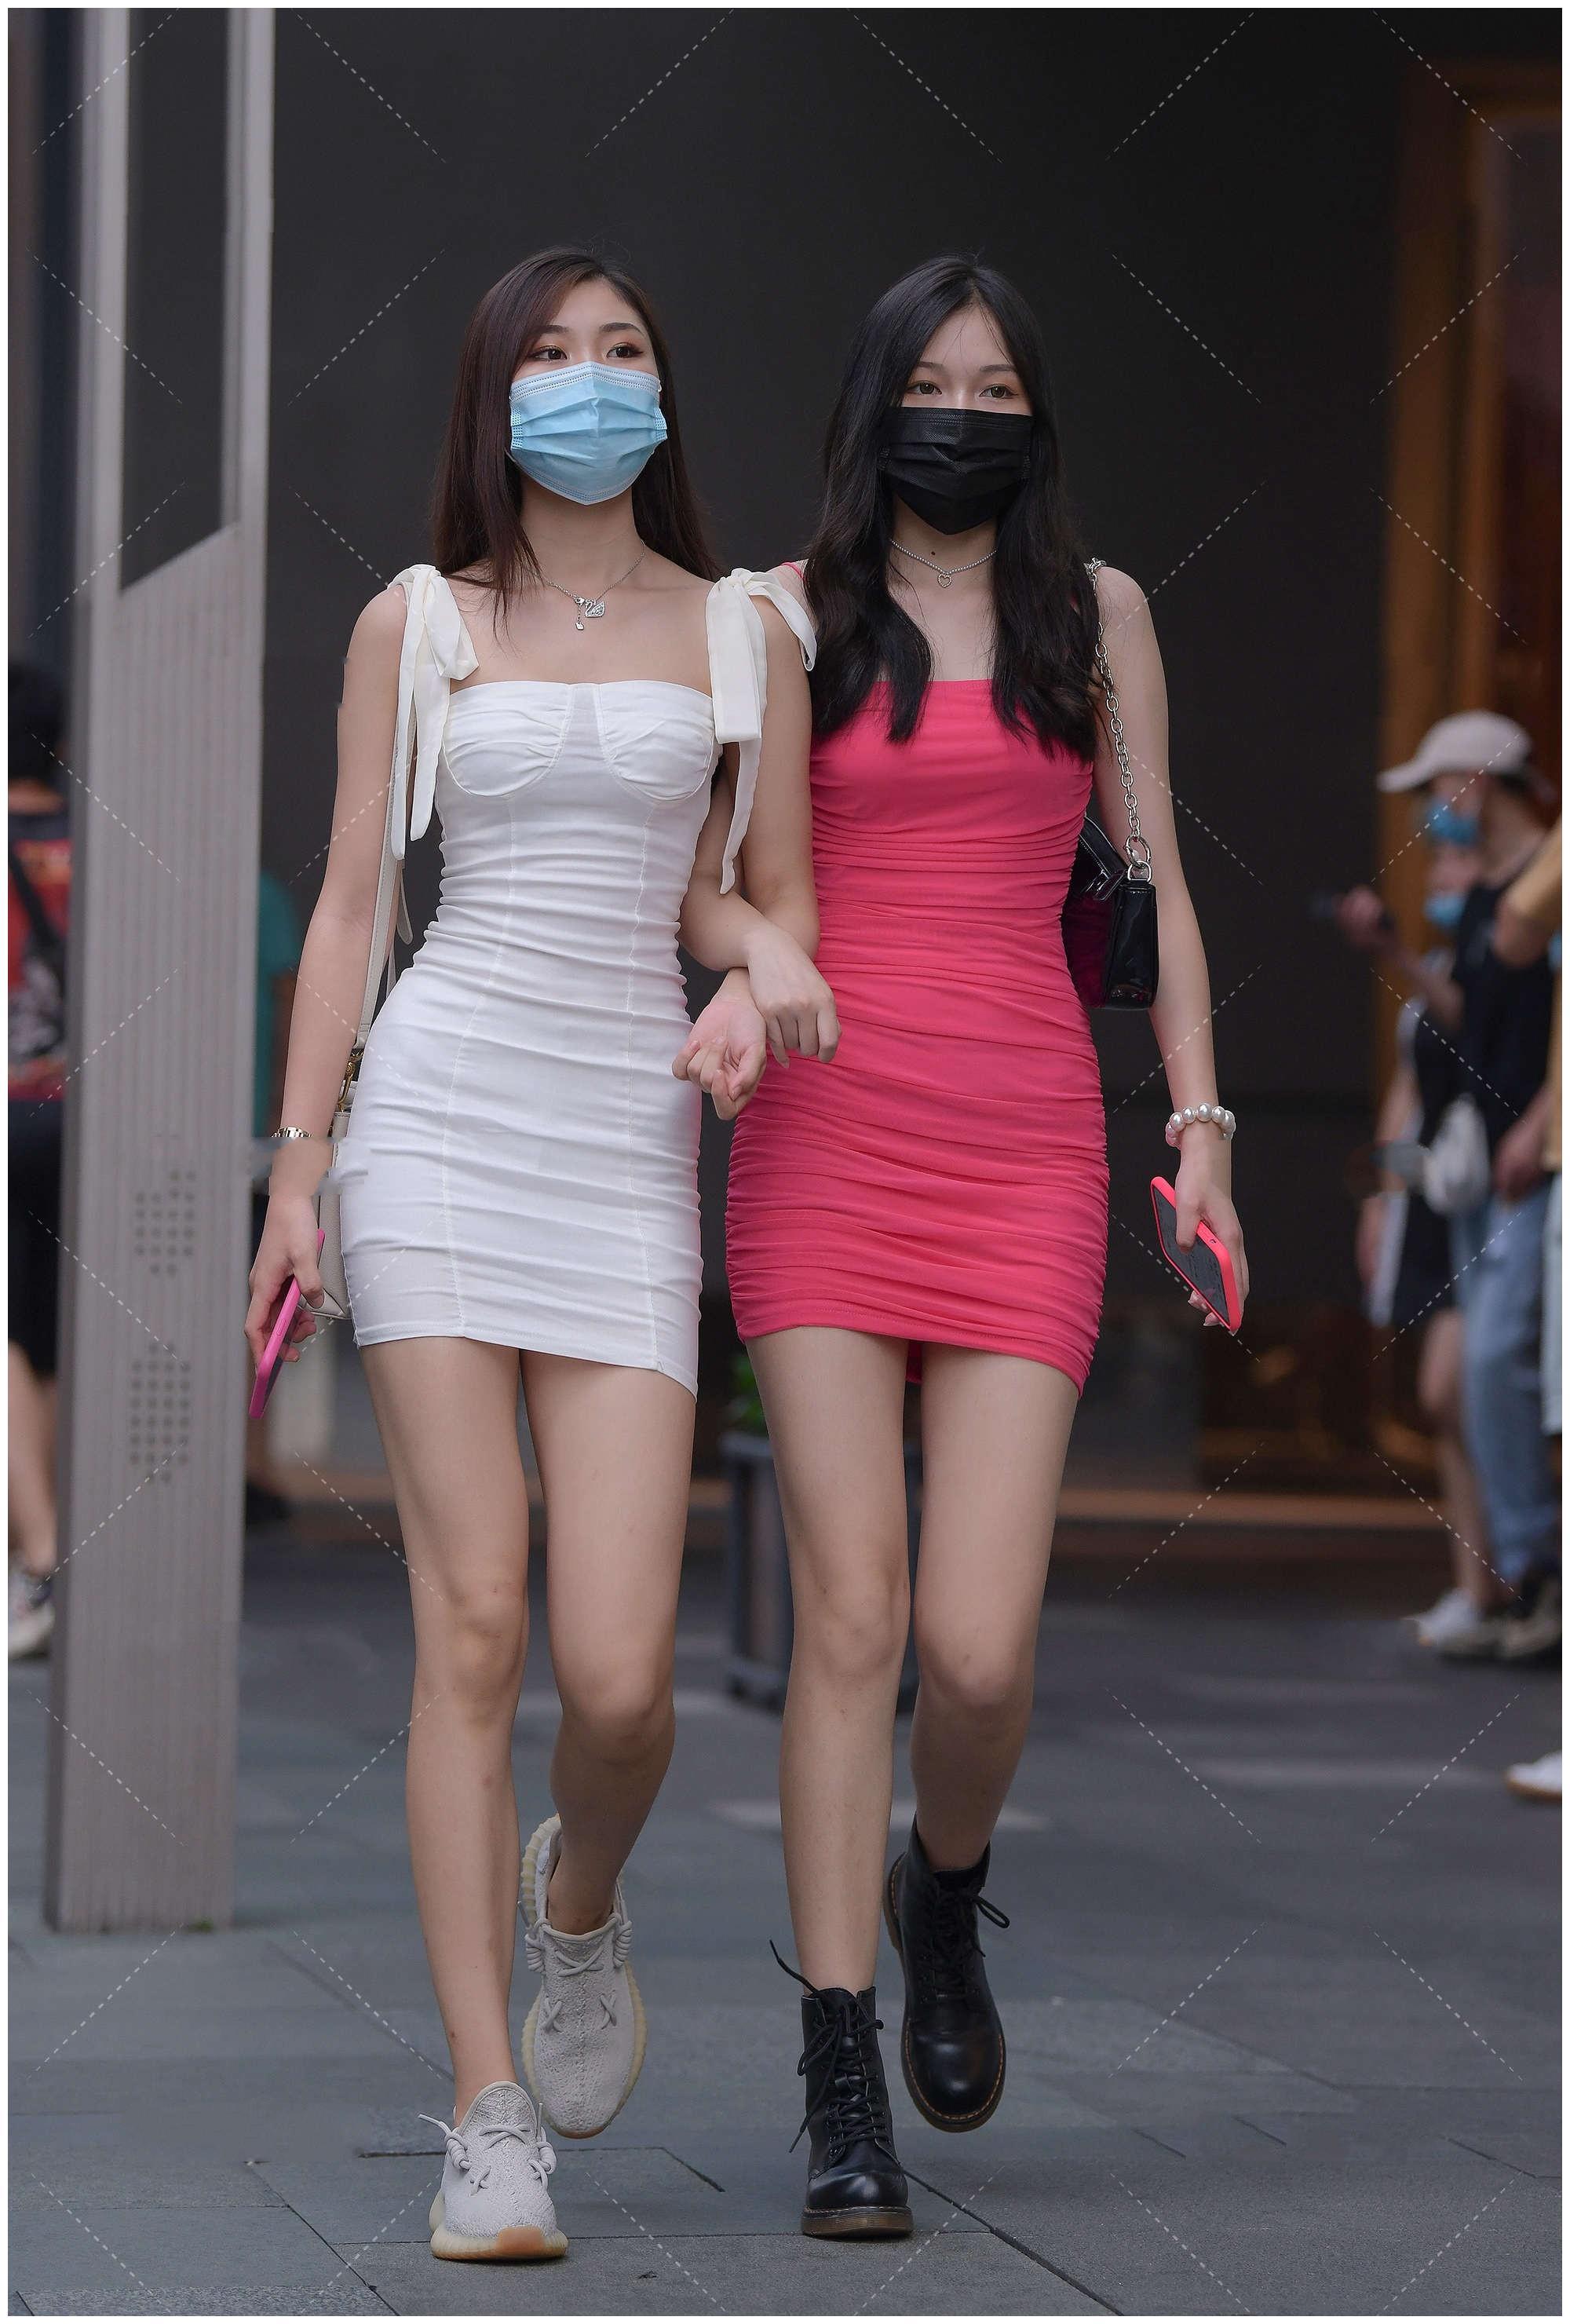 美女穿搭:一身玫红色连衣裙,时尚优雅,尽显御姐气质